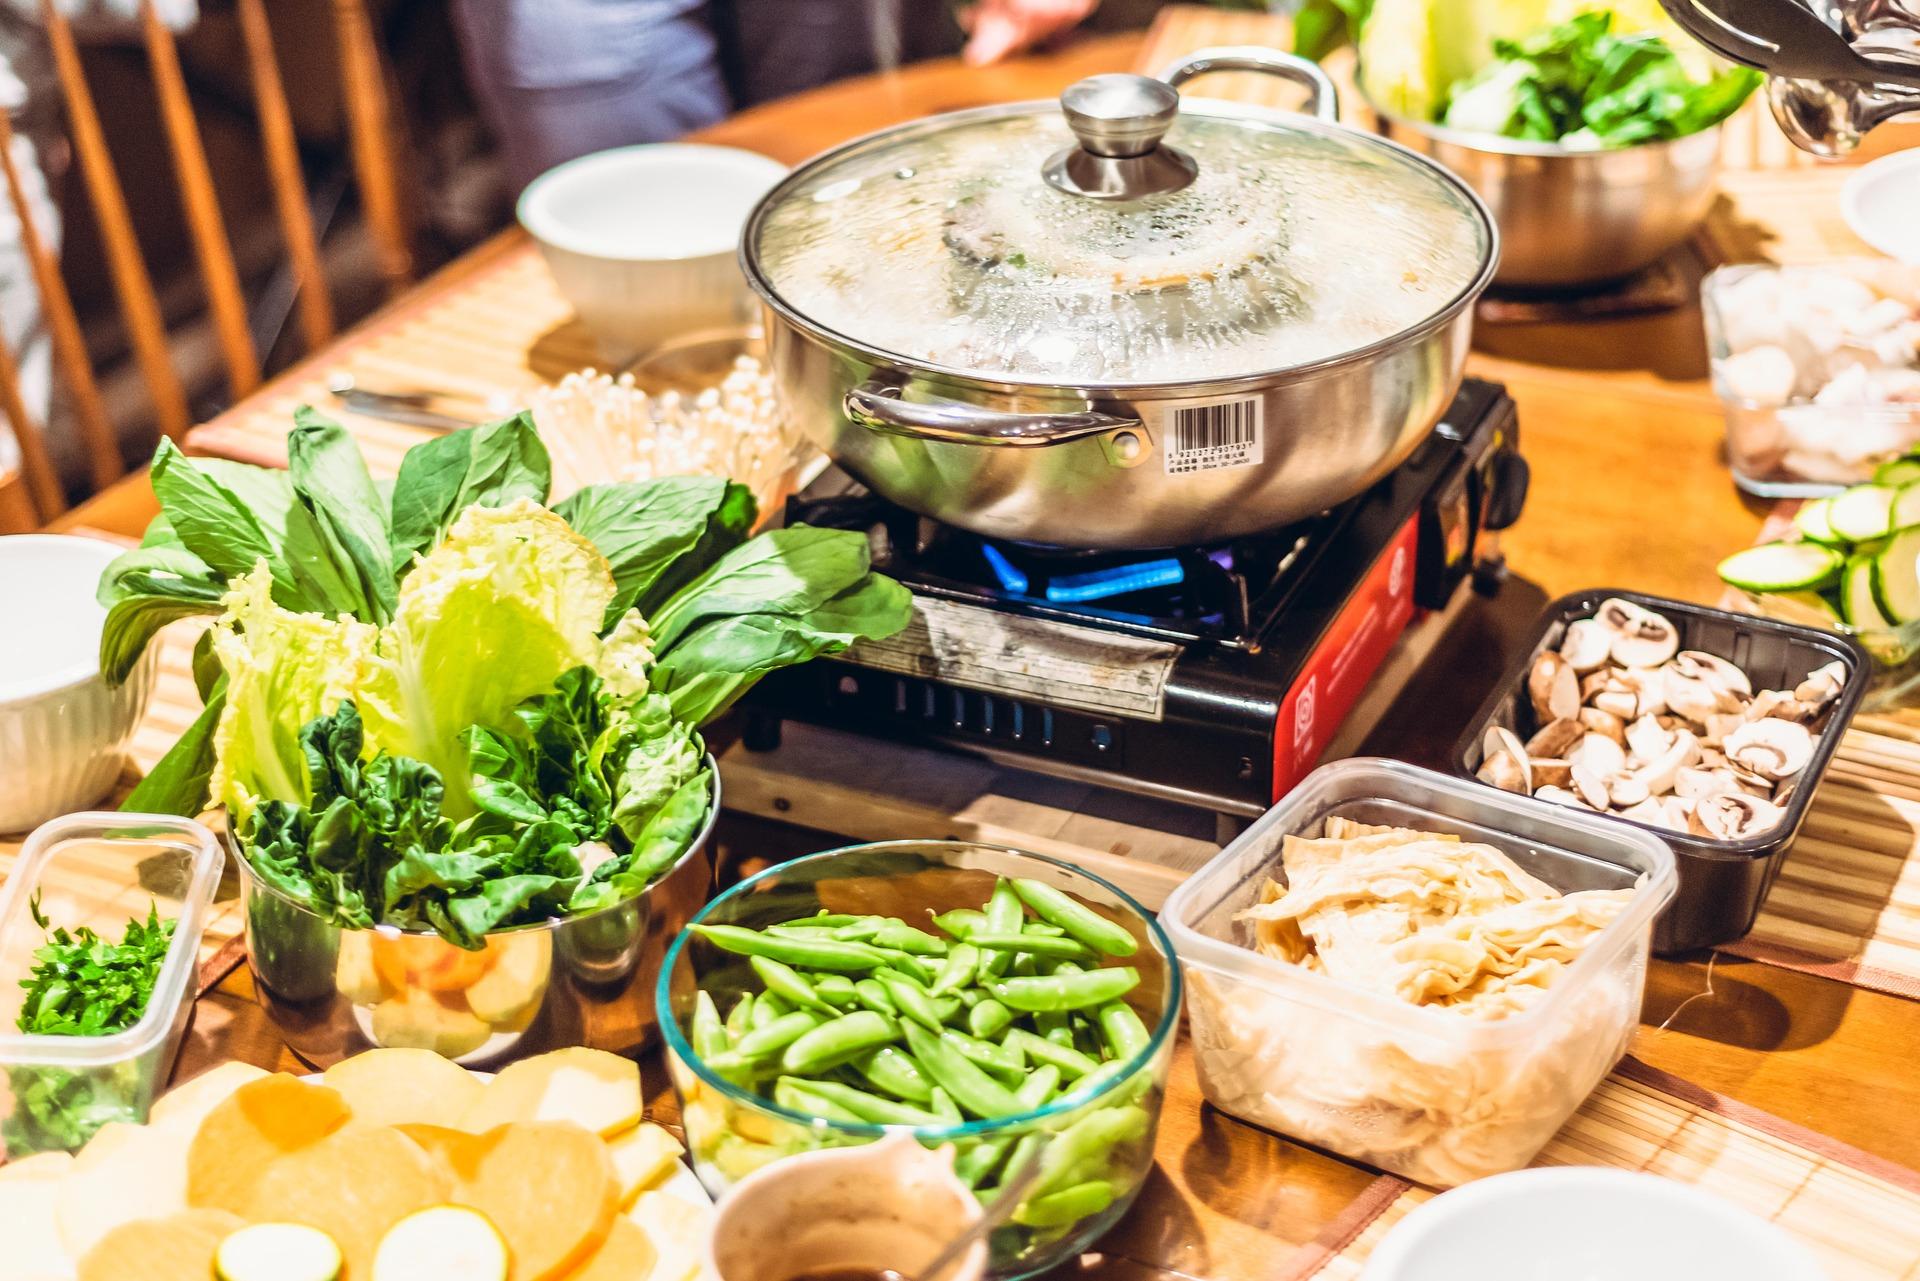 piatti sani, vegetarani e vegani